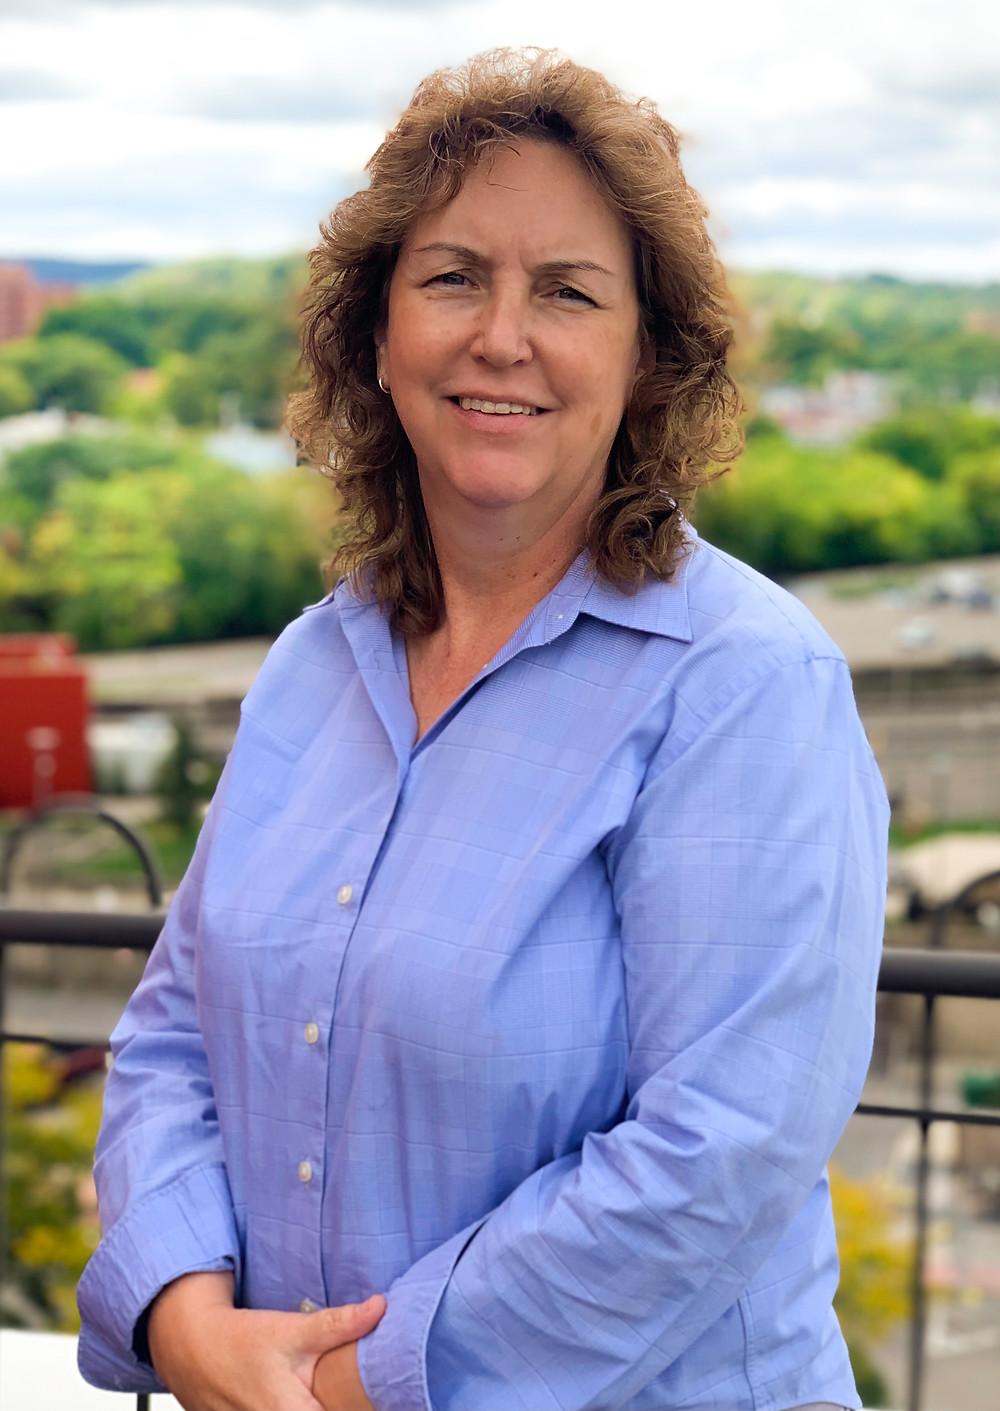 Laura Petreszyn